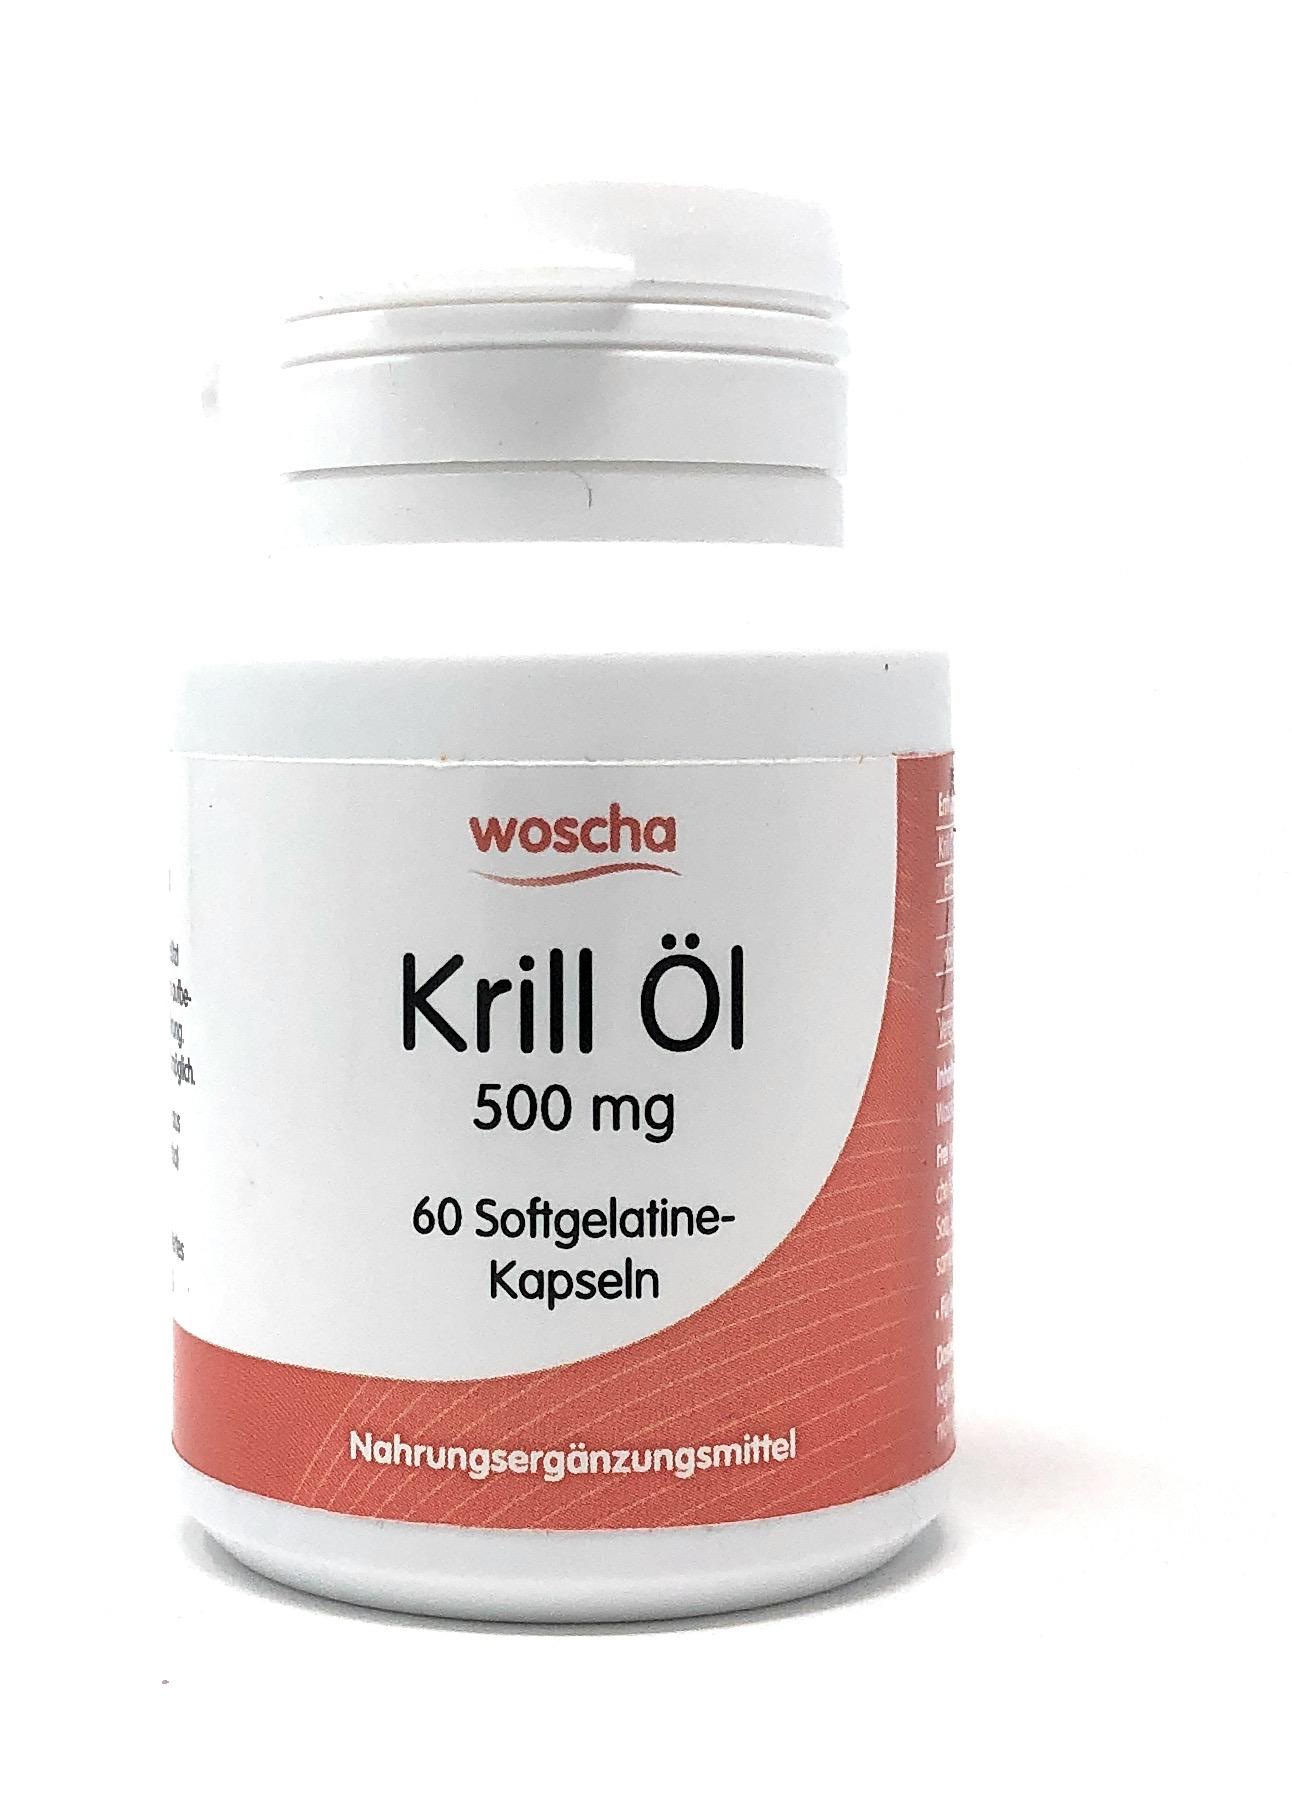 woscha Krill Öl 500mg 60 Kapseln aus Fischgelatine (35g)